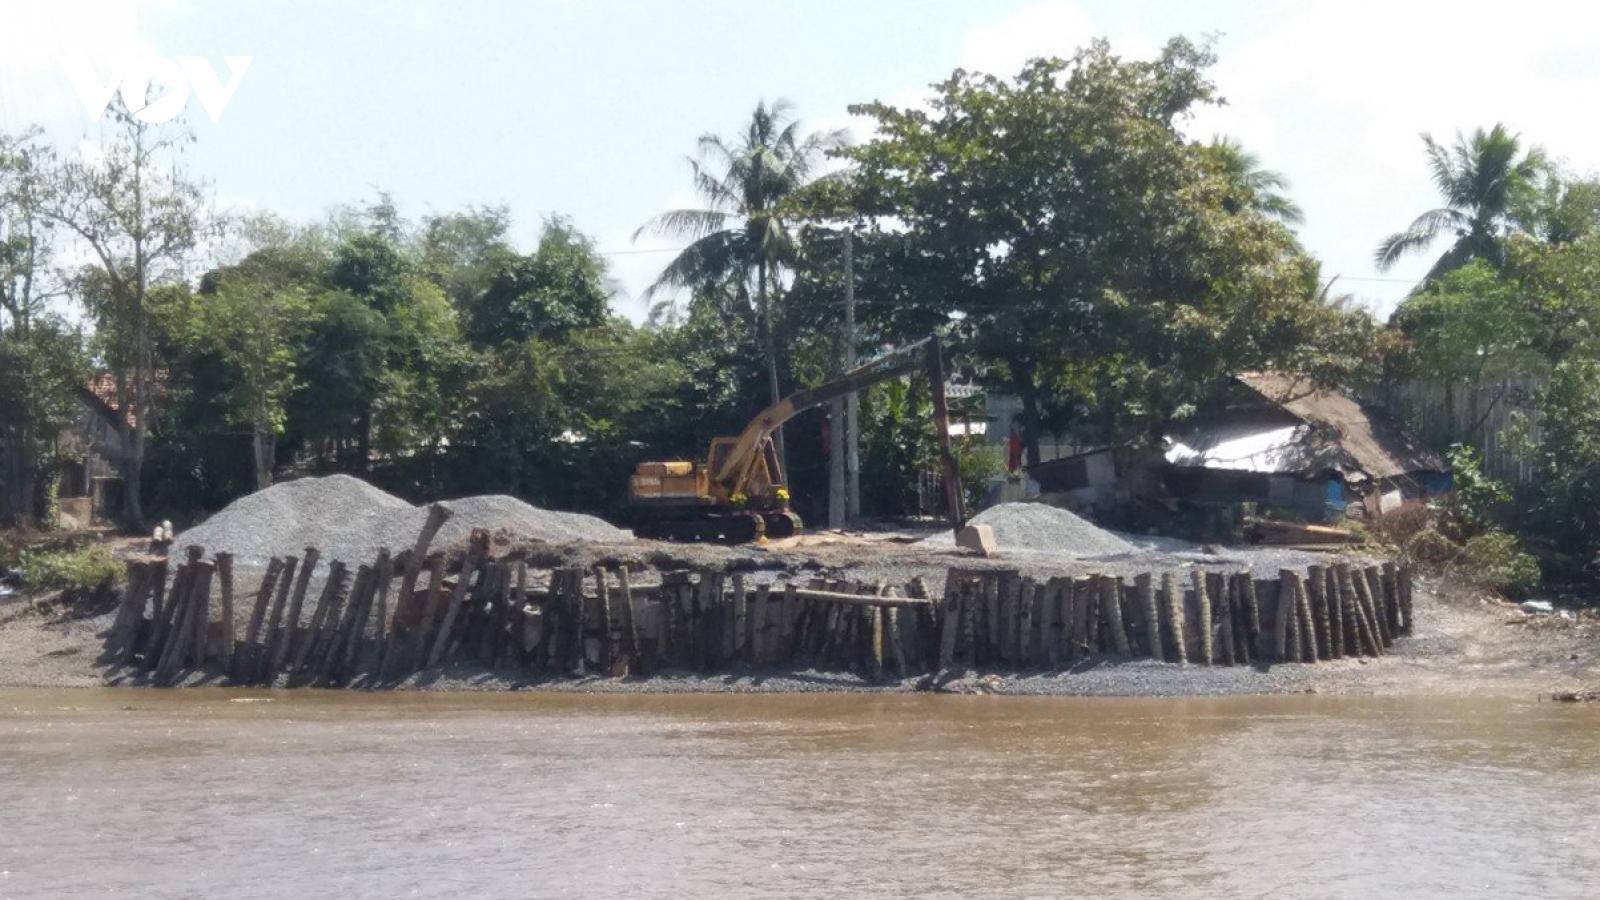 Dự án nâng cấp mở rộng kênh Chợ Gạo chậm tiến độ, người dân khốn khó